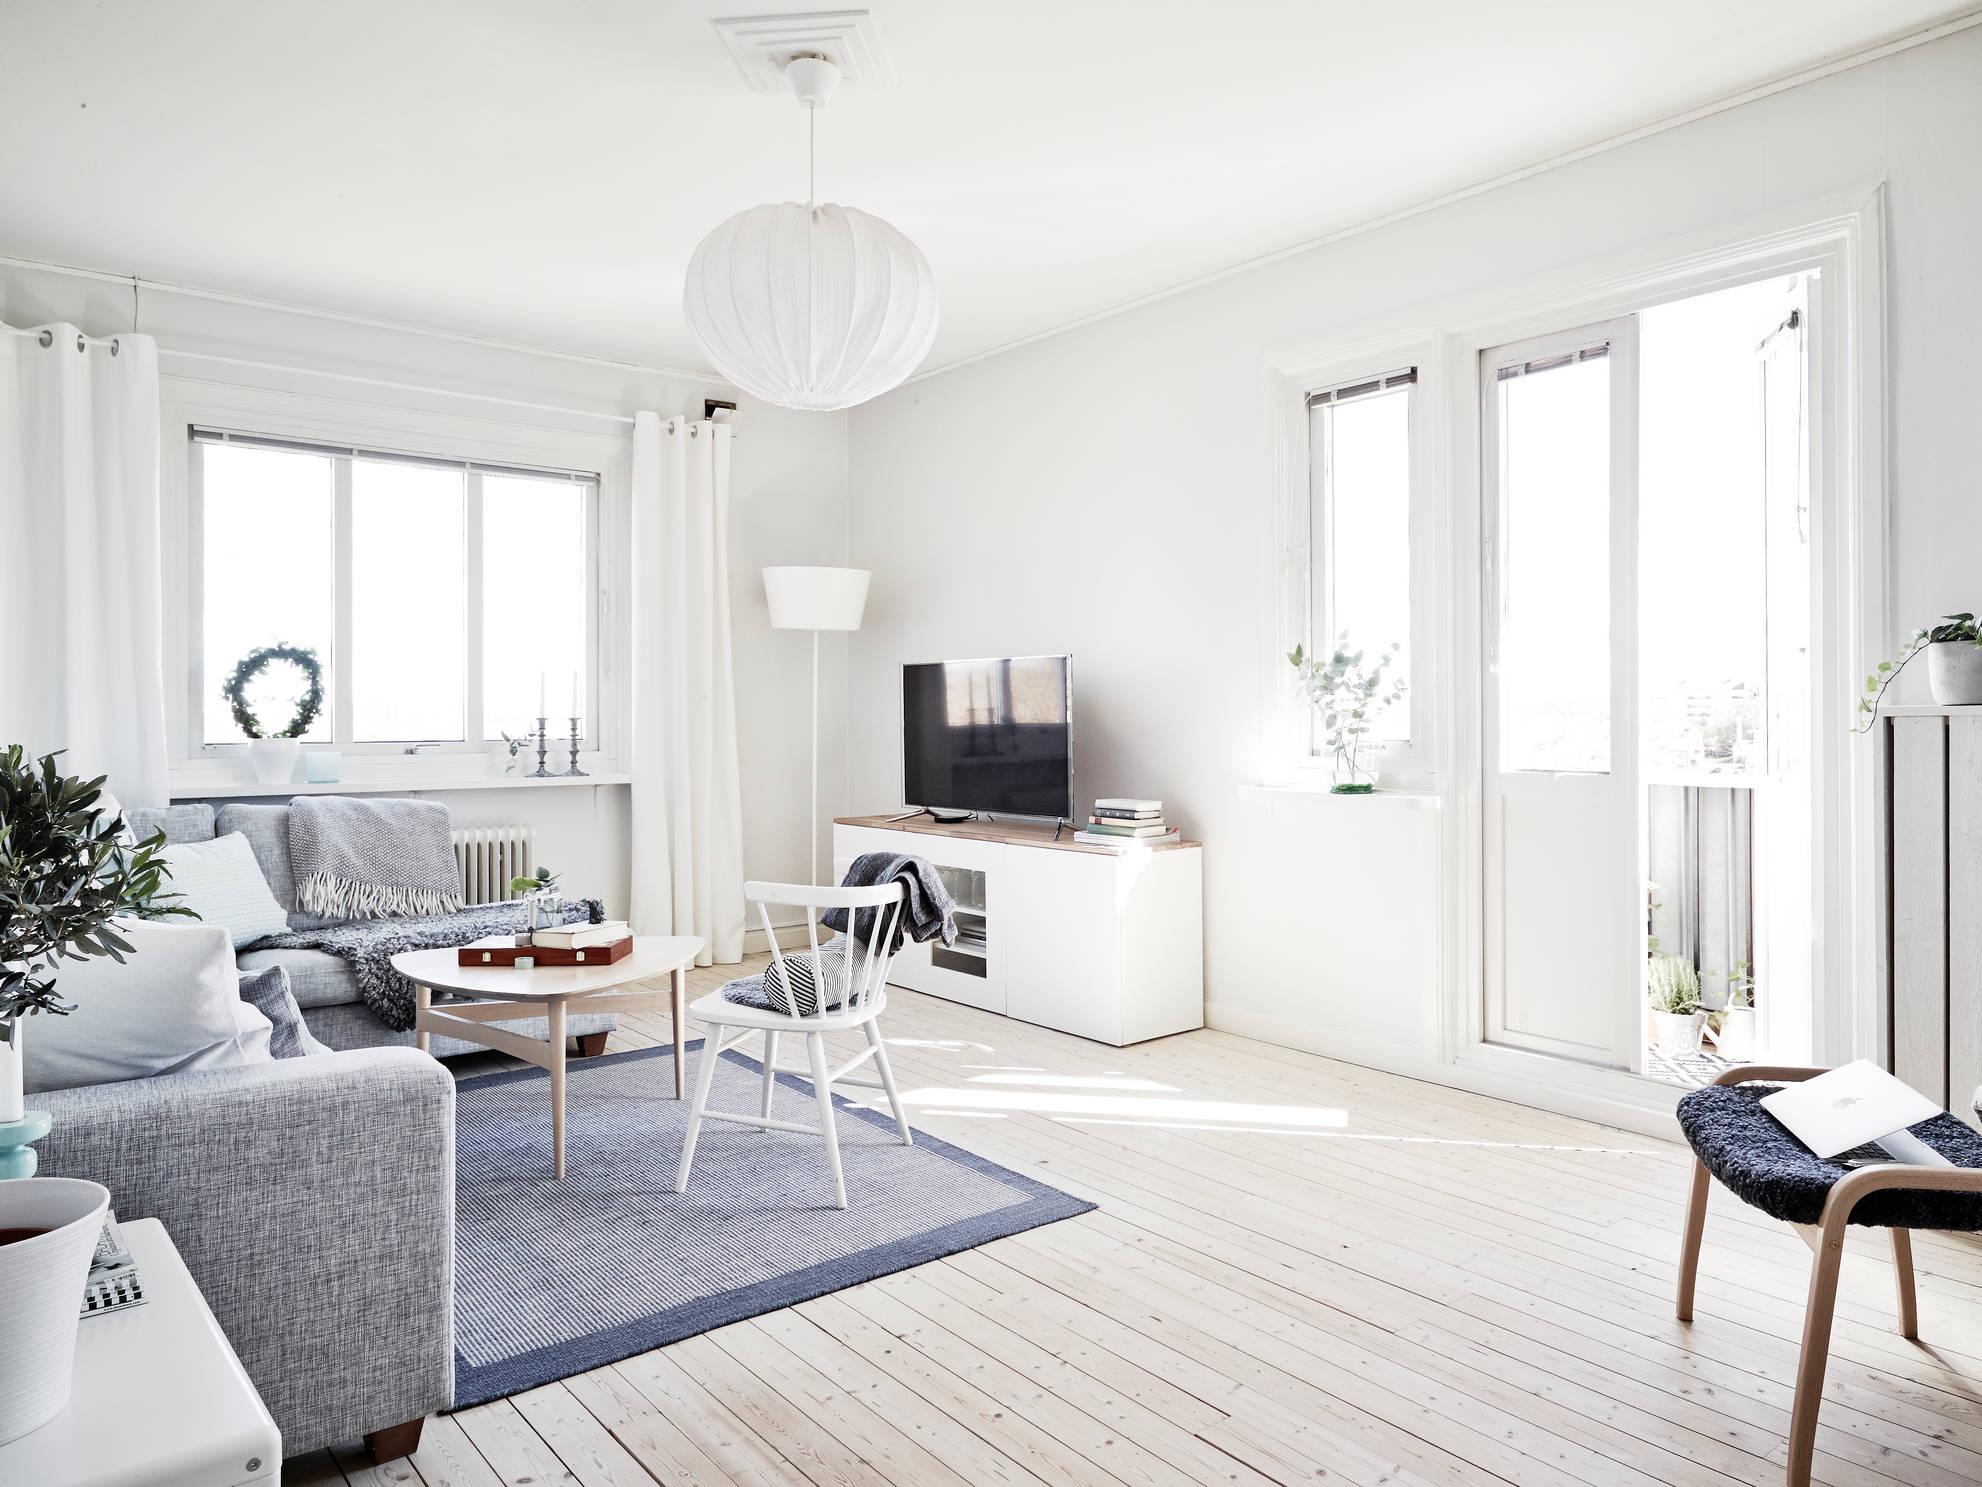 Un piso blanco y gris lleno de luz blog tienda for Corredor deco blanco y gris